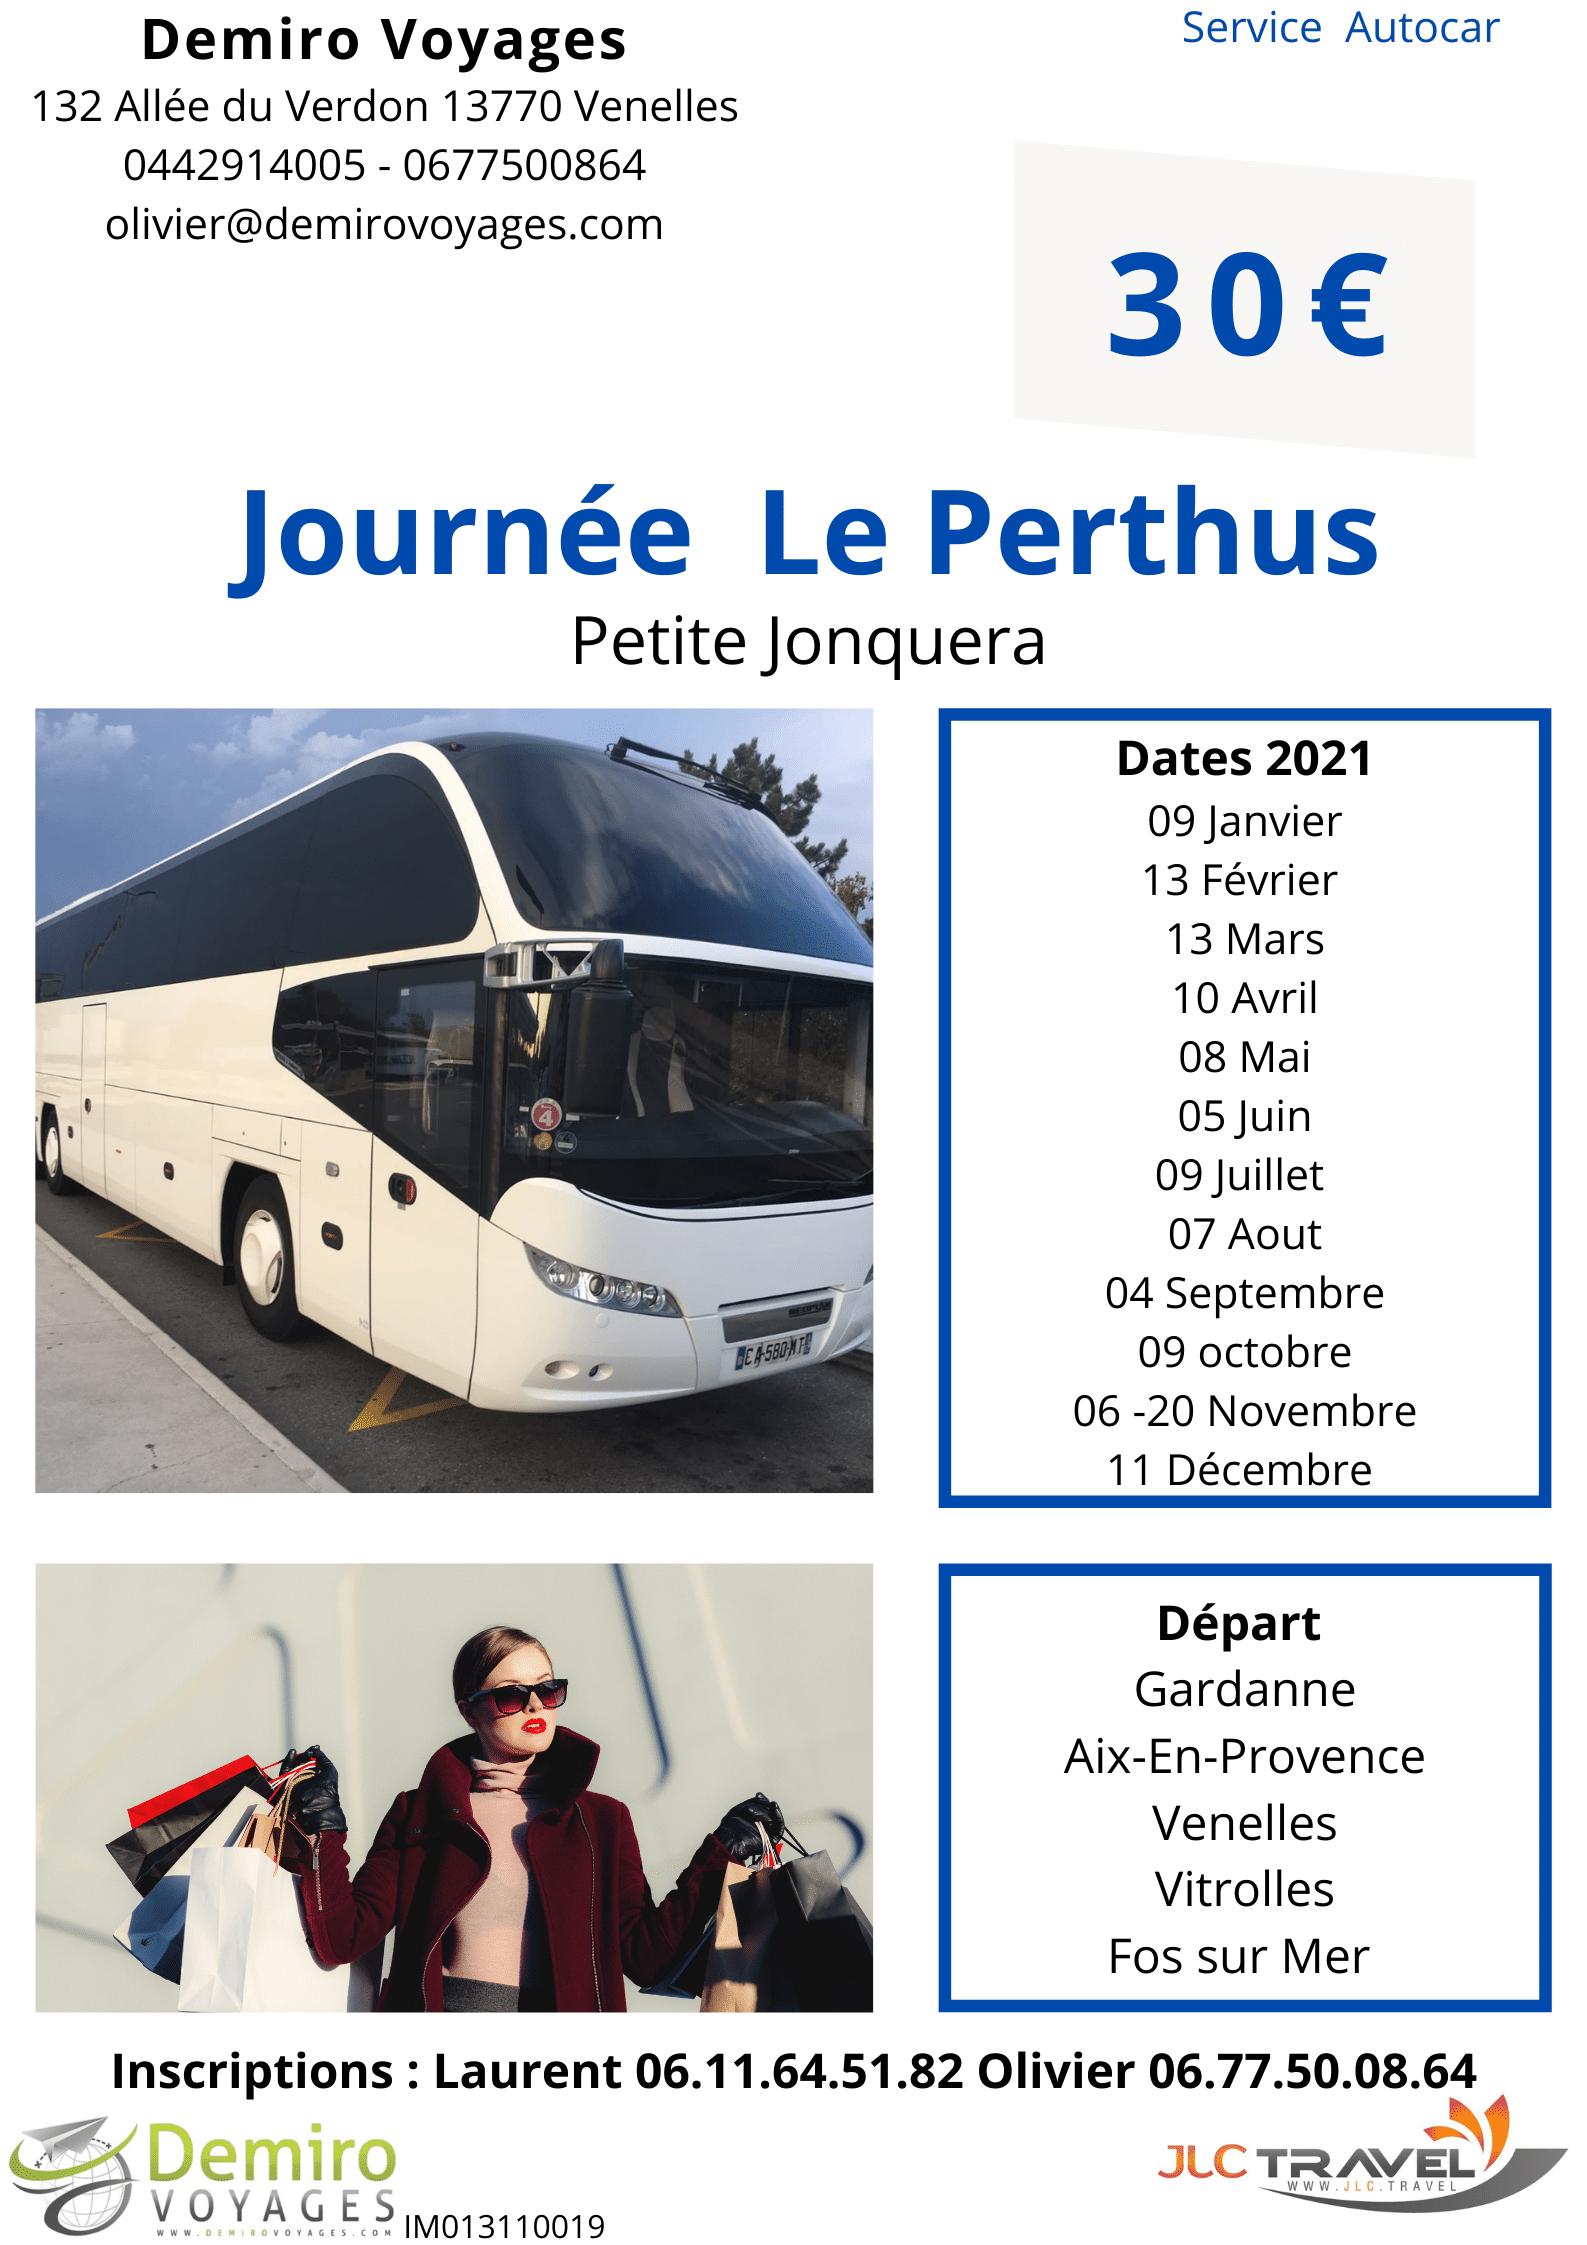 Le Perthus  la petite Jonquera Journée autocar Demiro Voyages départ Aix en Provence  Dates 2021